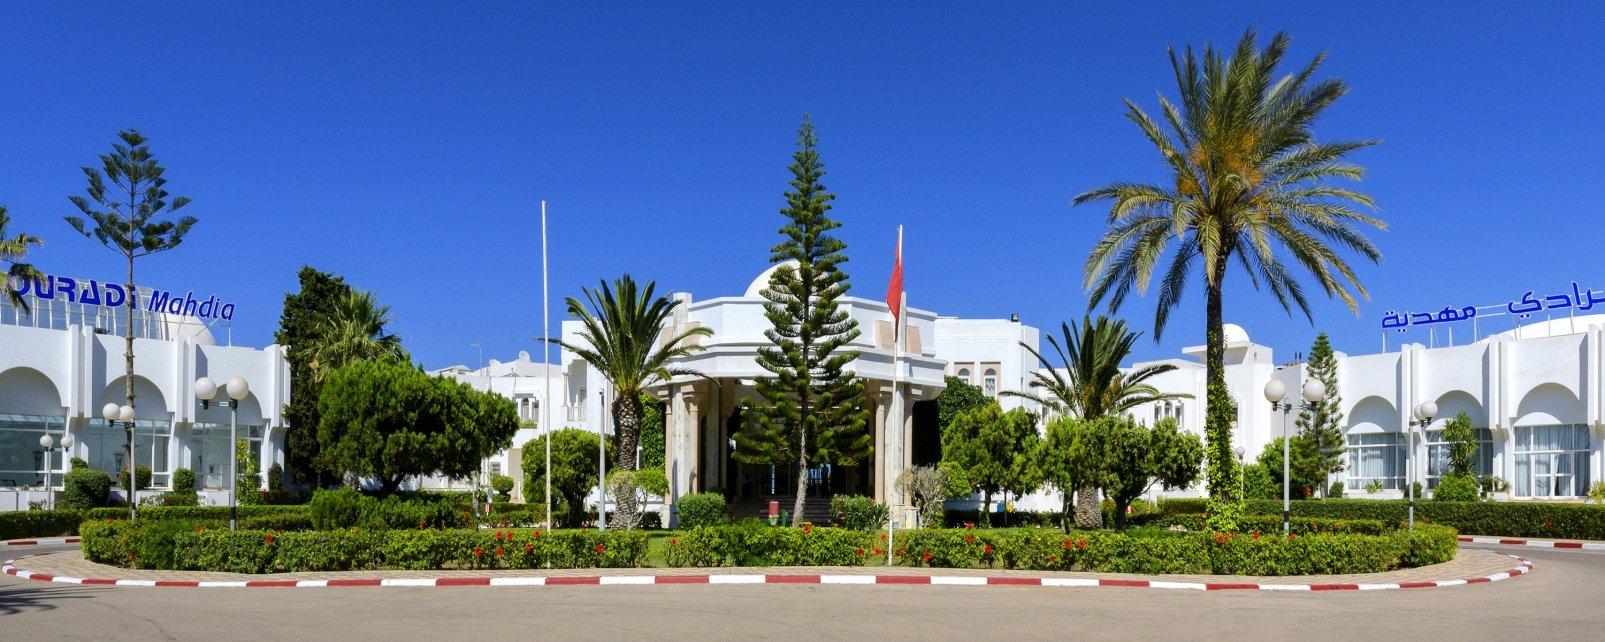 Hôtel El Mouradi Mahdia